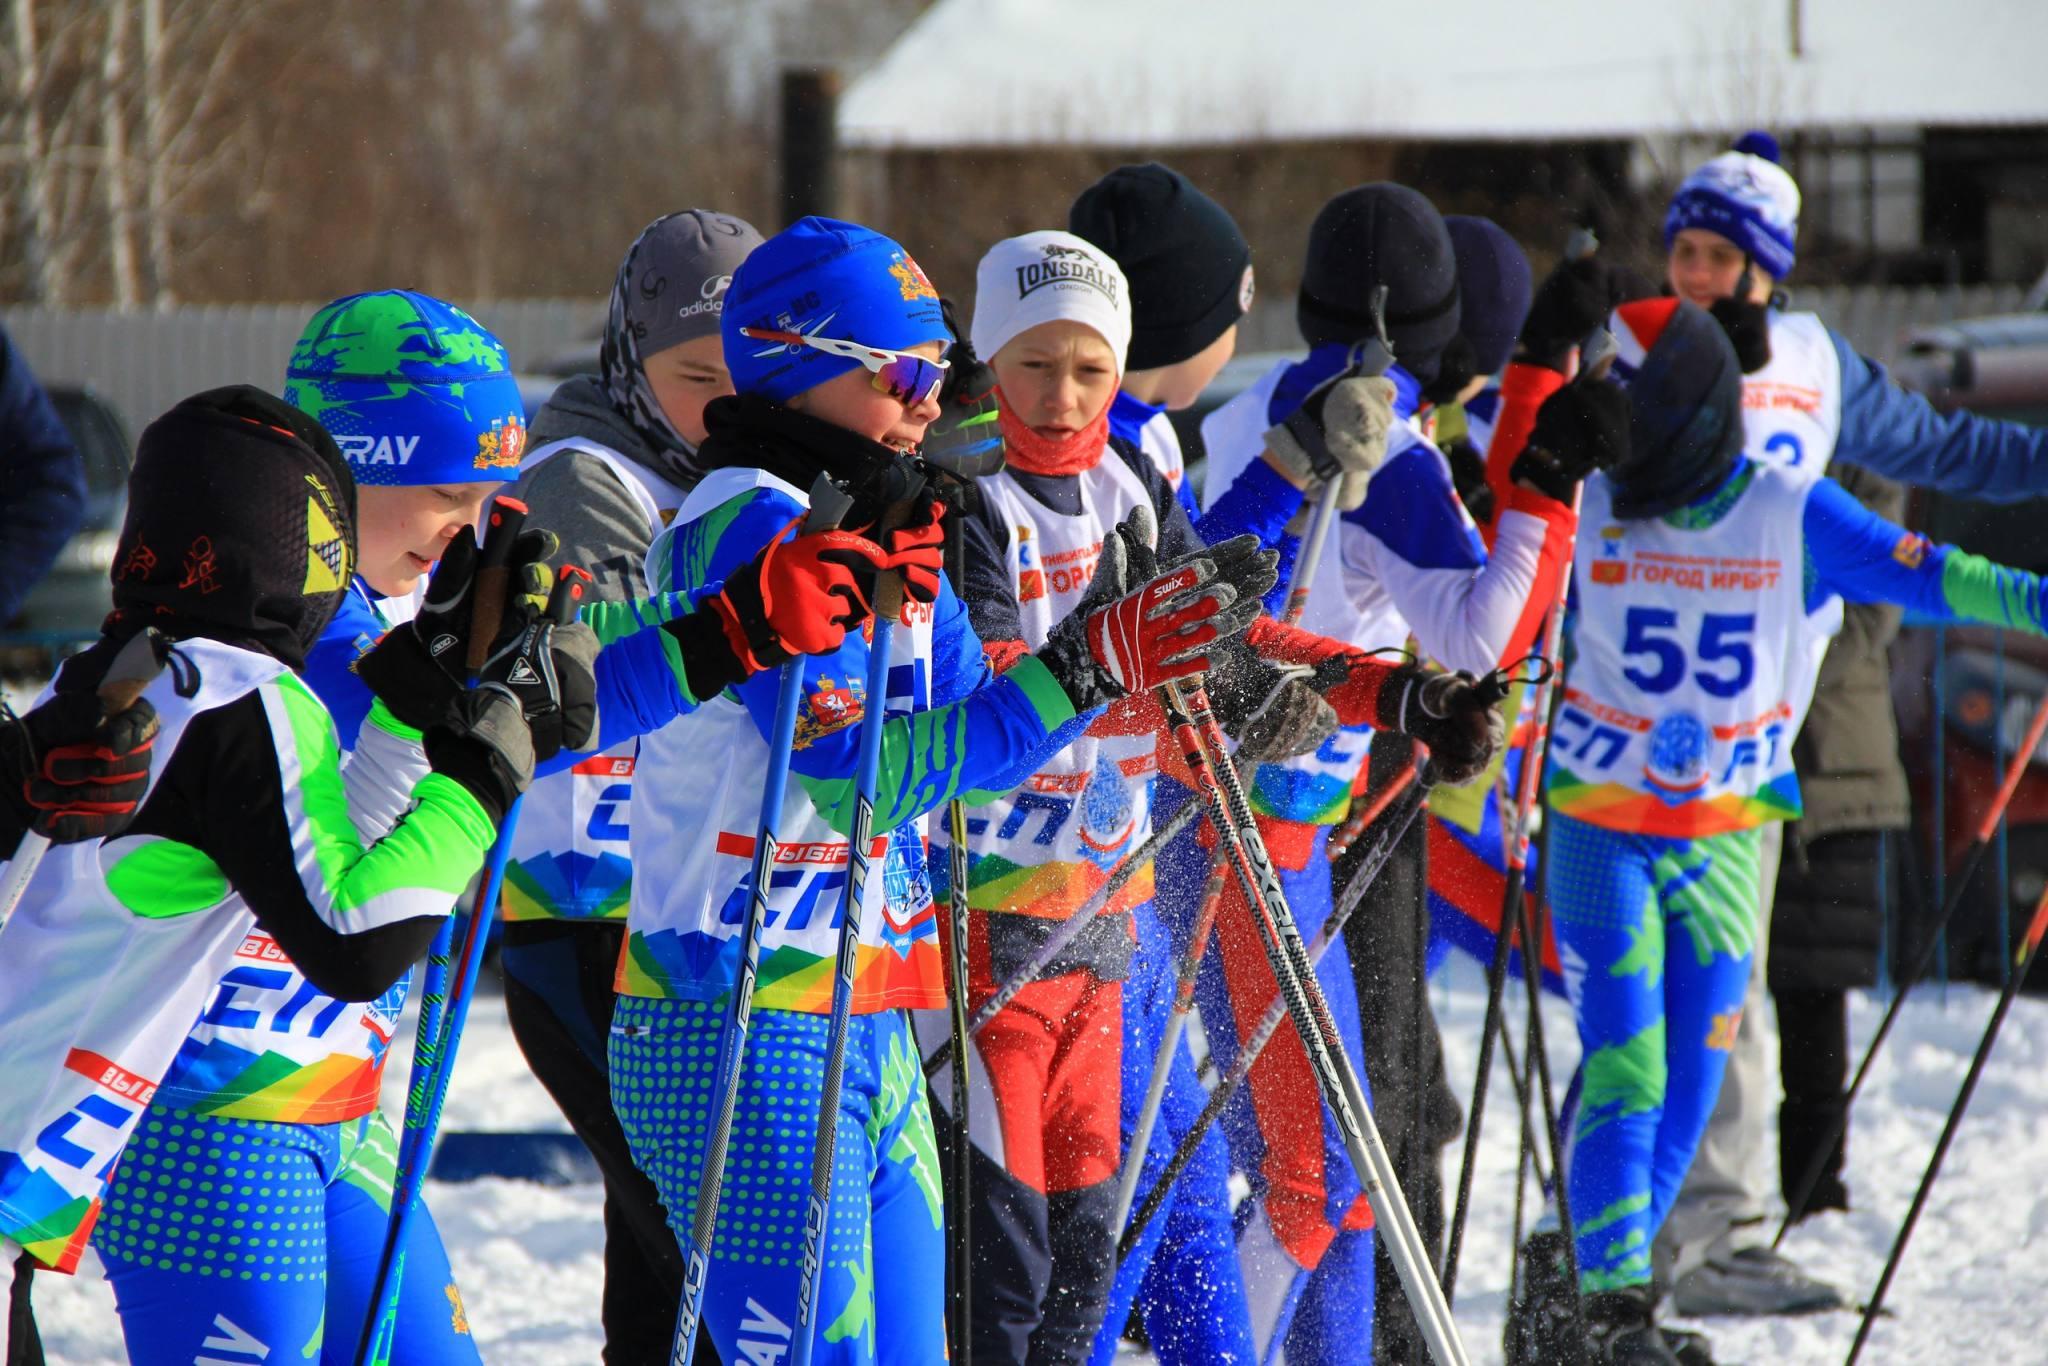 ПОЛОЖЕНИЕ открытого лично-командного первенства Мирнинского района по лыжным гонкам имени П.Ф. Борисова